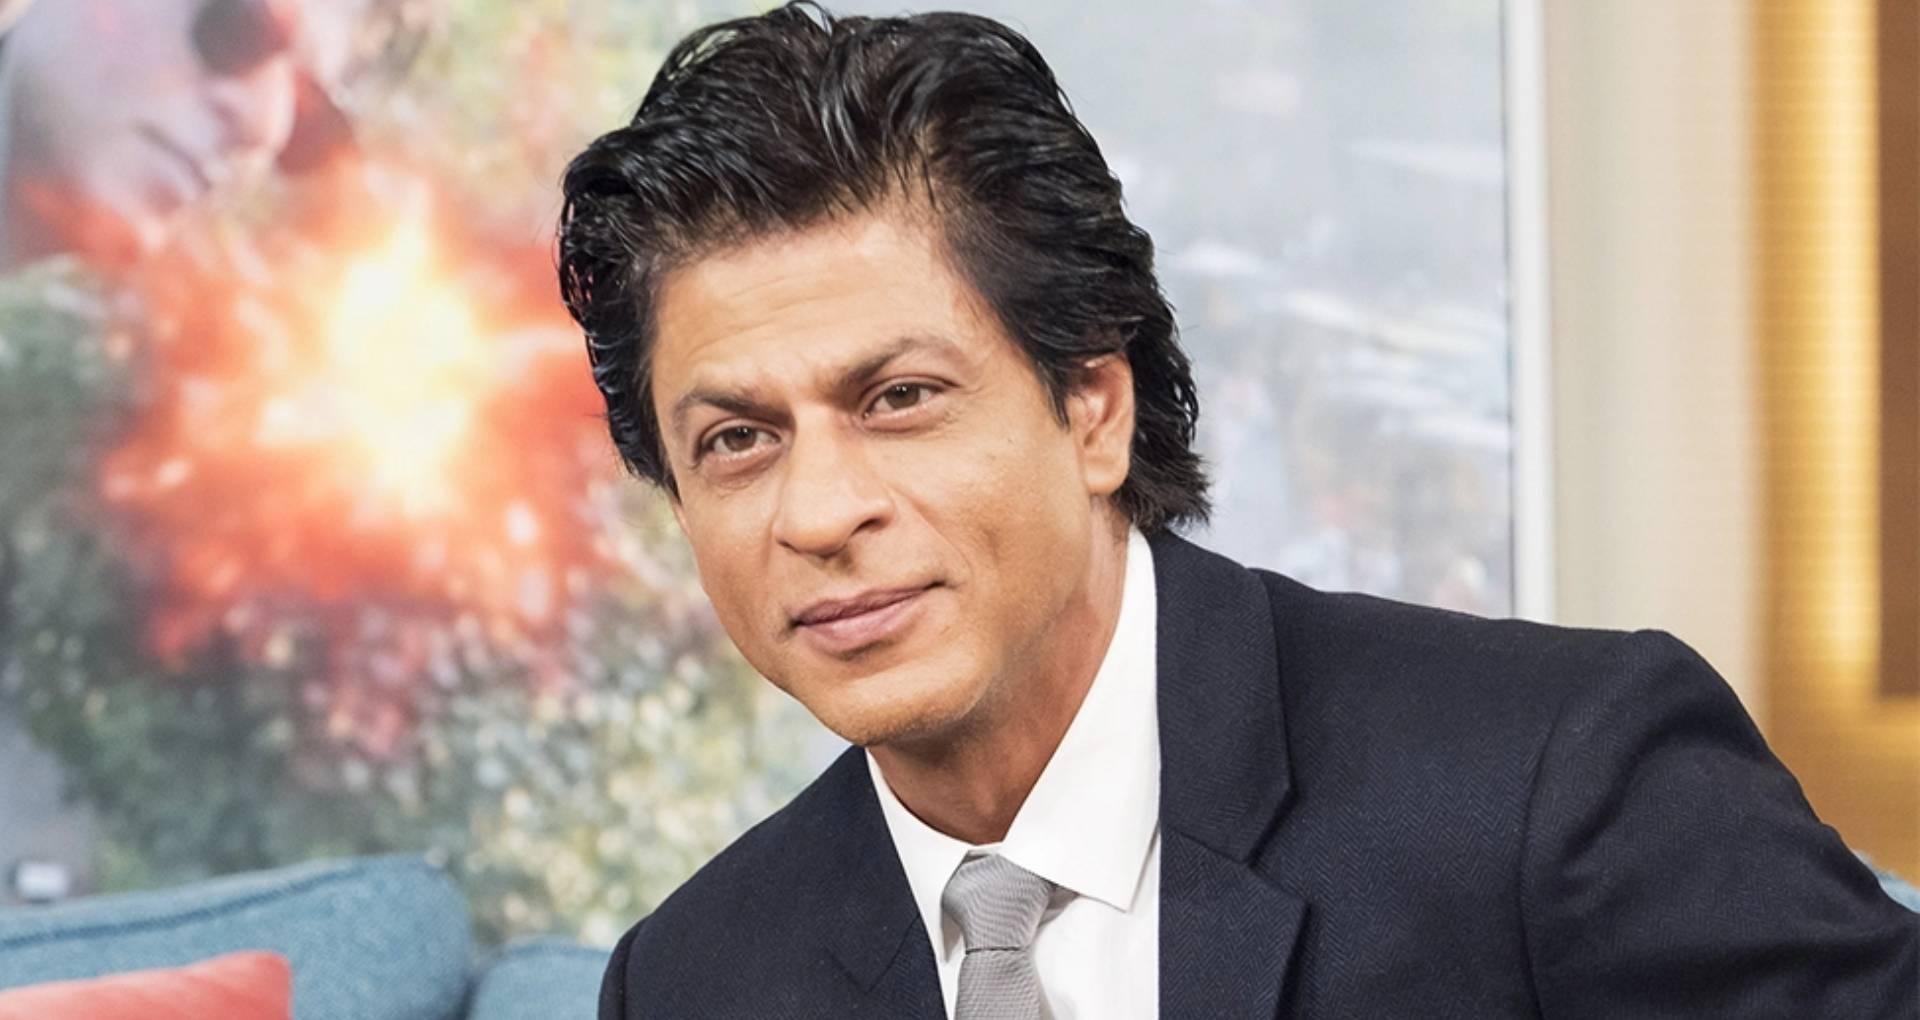 शाहरुख खान के हाथ से निकली फिल्म सारे जहां से अच्छा, ये ट्रेंडिंग स्टार निभाएगा राकेश शर्मा का किरदार